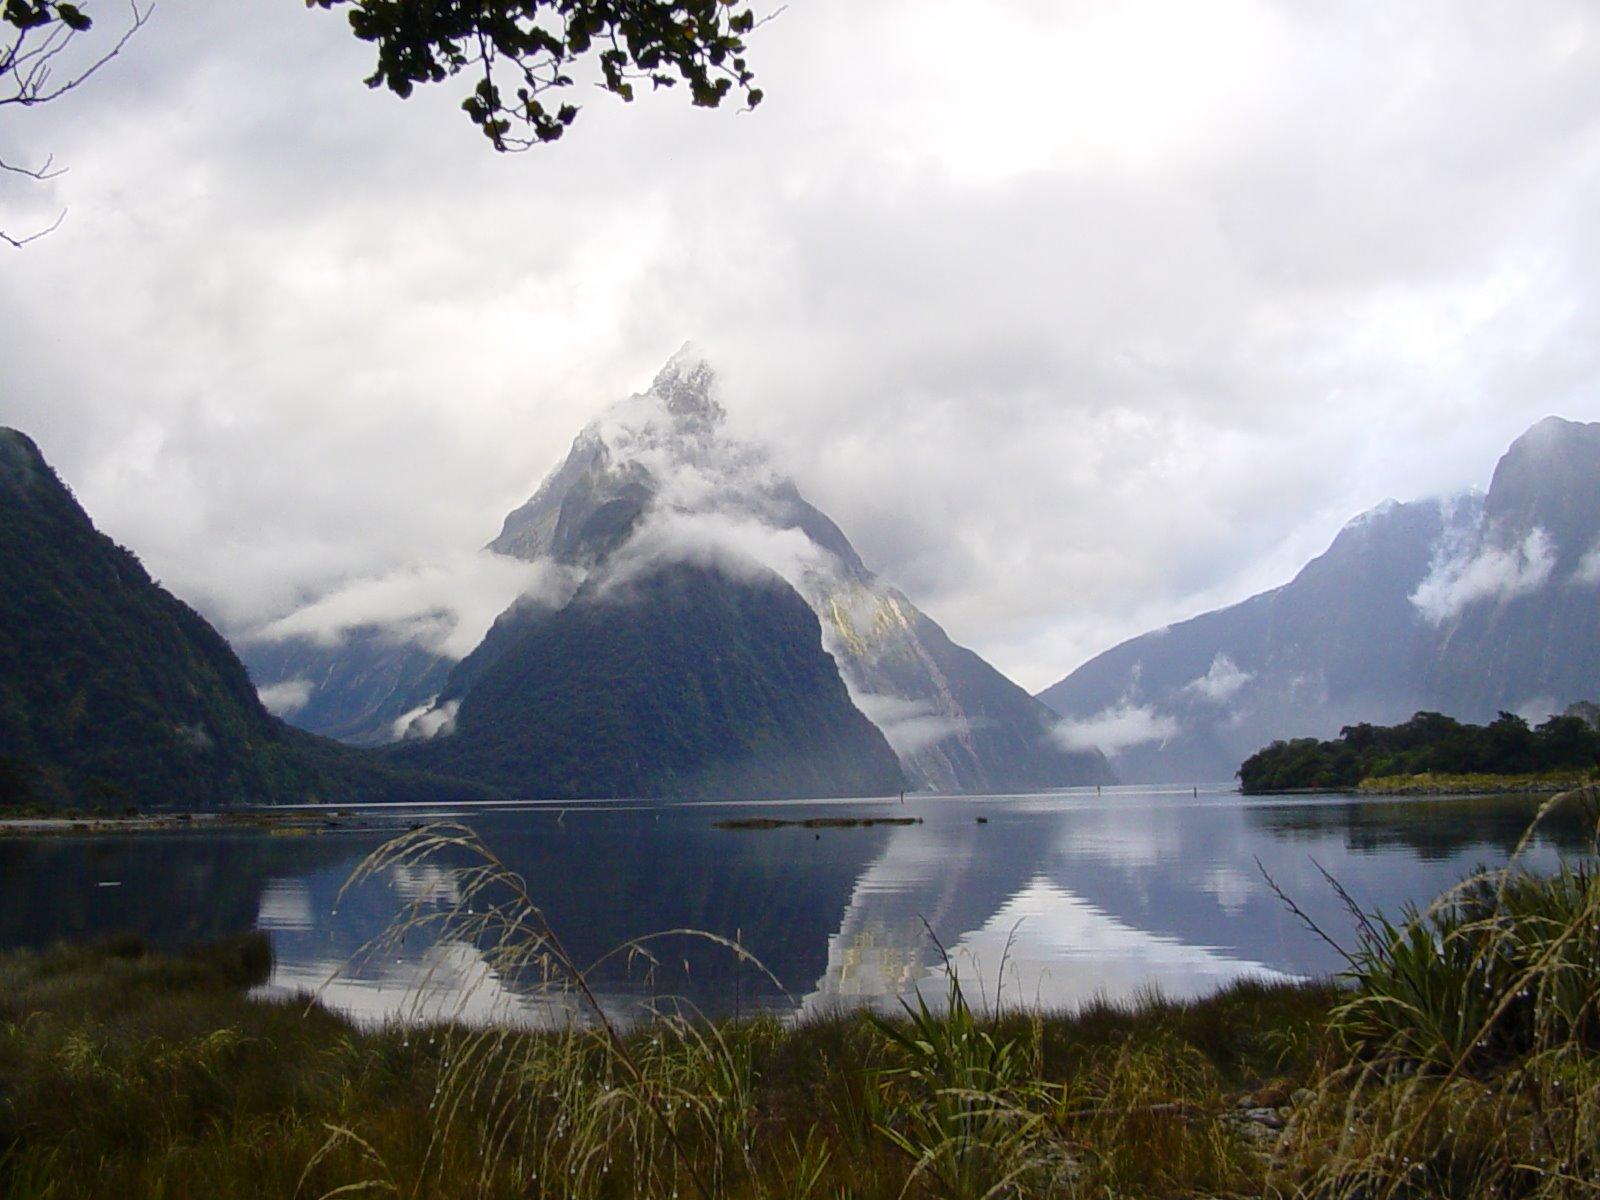 βιντεο νεα ζηλανδια Hd: Σκνίπα: Ο άρχοντας των δαχτυλιδίων στην Νέα Ζηλανδία..(pics